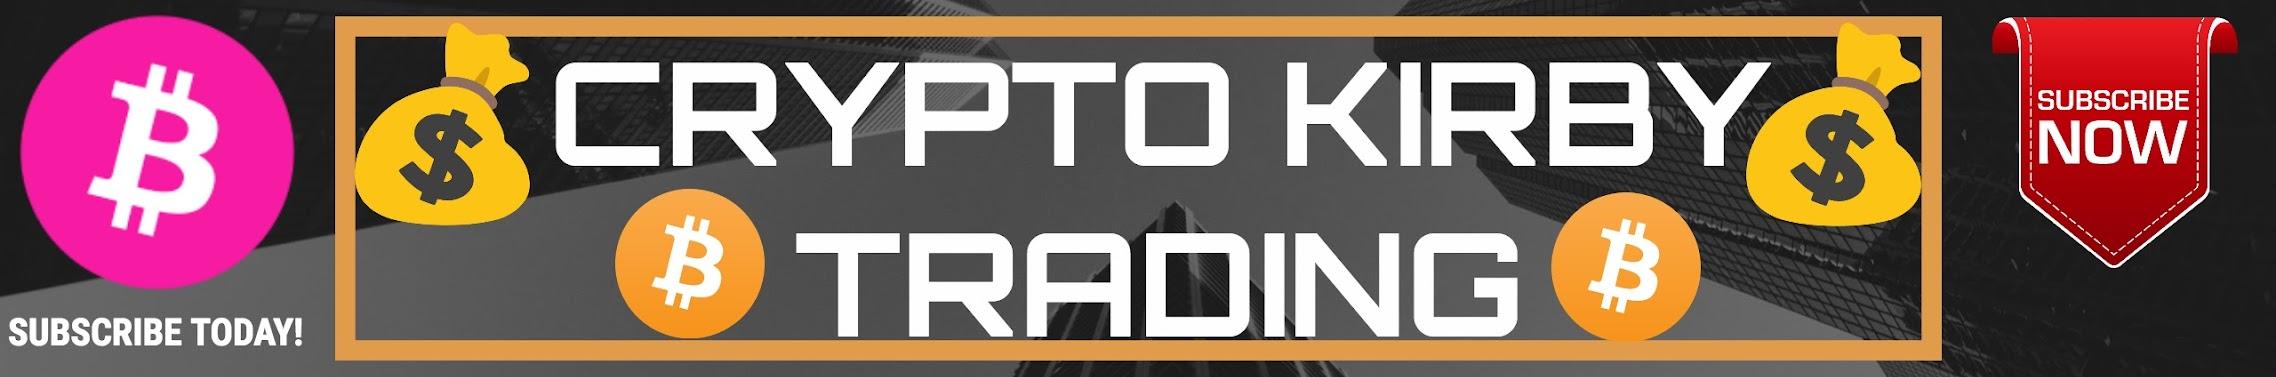 comercio de crypto kirby opción binaria de depósito mínimo